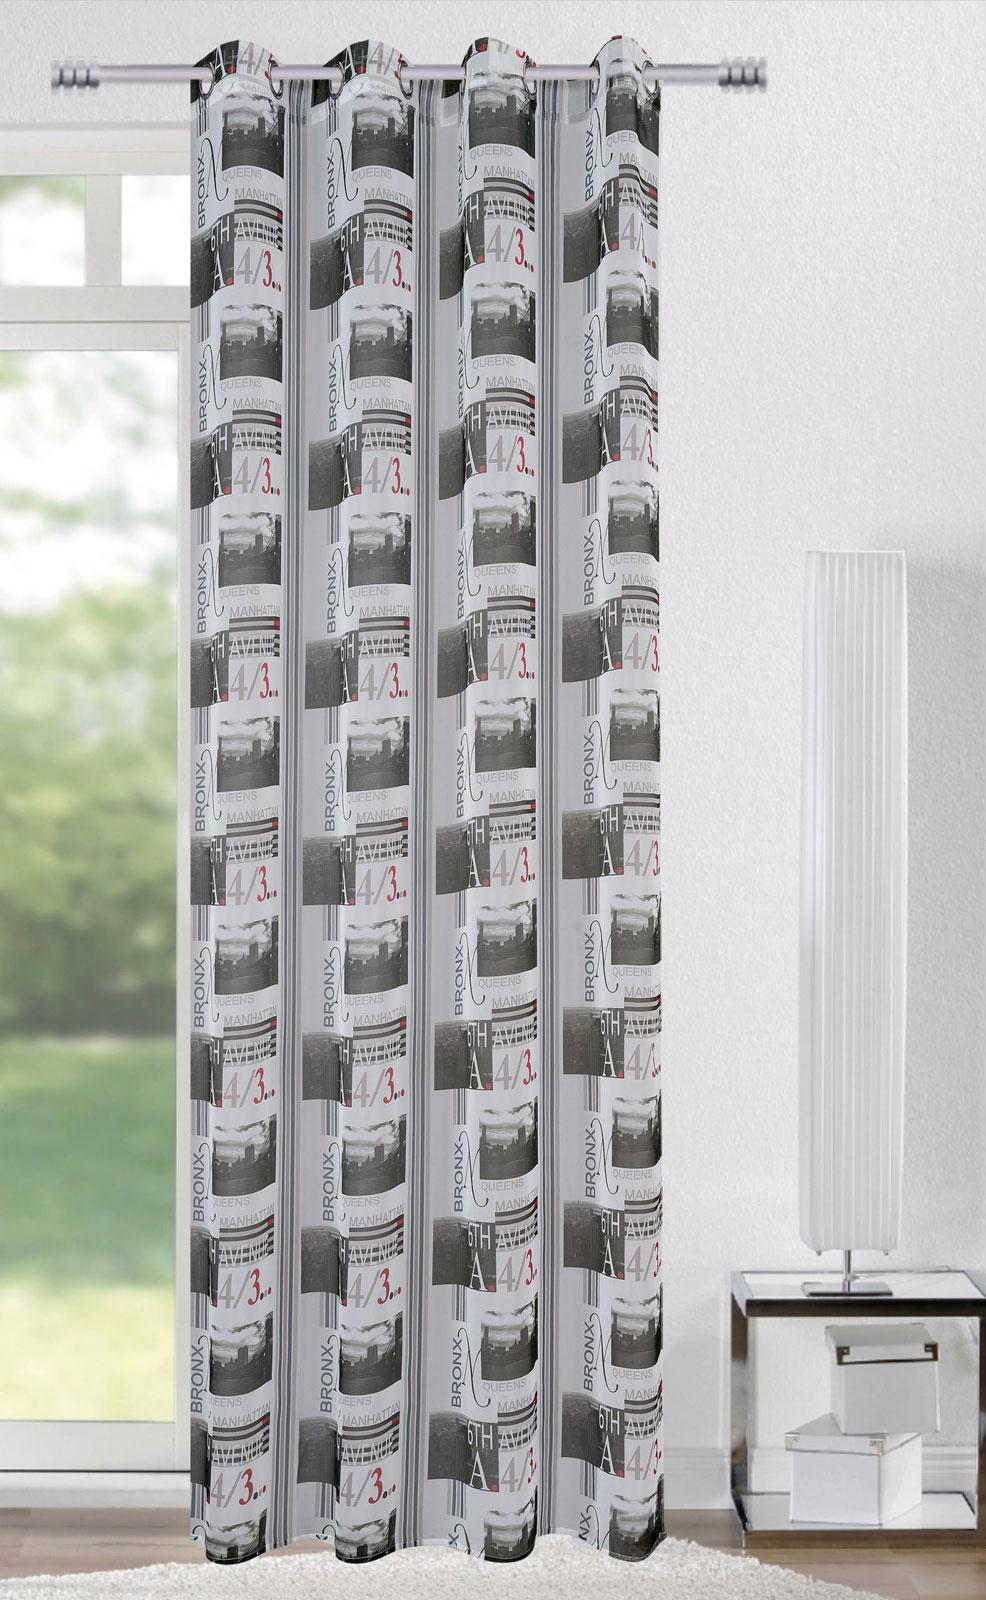 Gardinen und Vorhänge - Ösenschal Vorhang Gardine 140x245 mi Bronx Manhattan 6th avenue 400592  - Onlineshop PremiumShop321